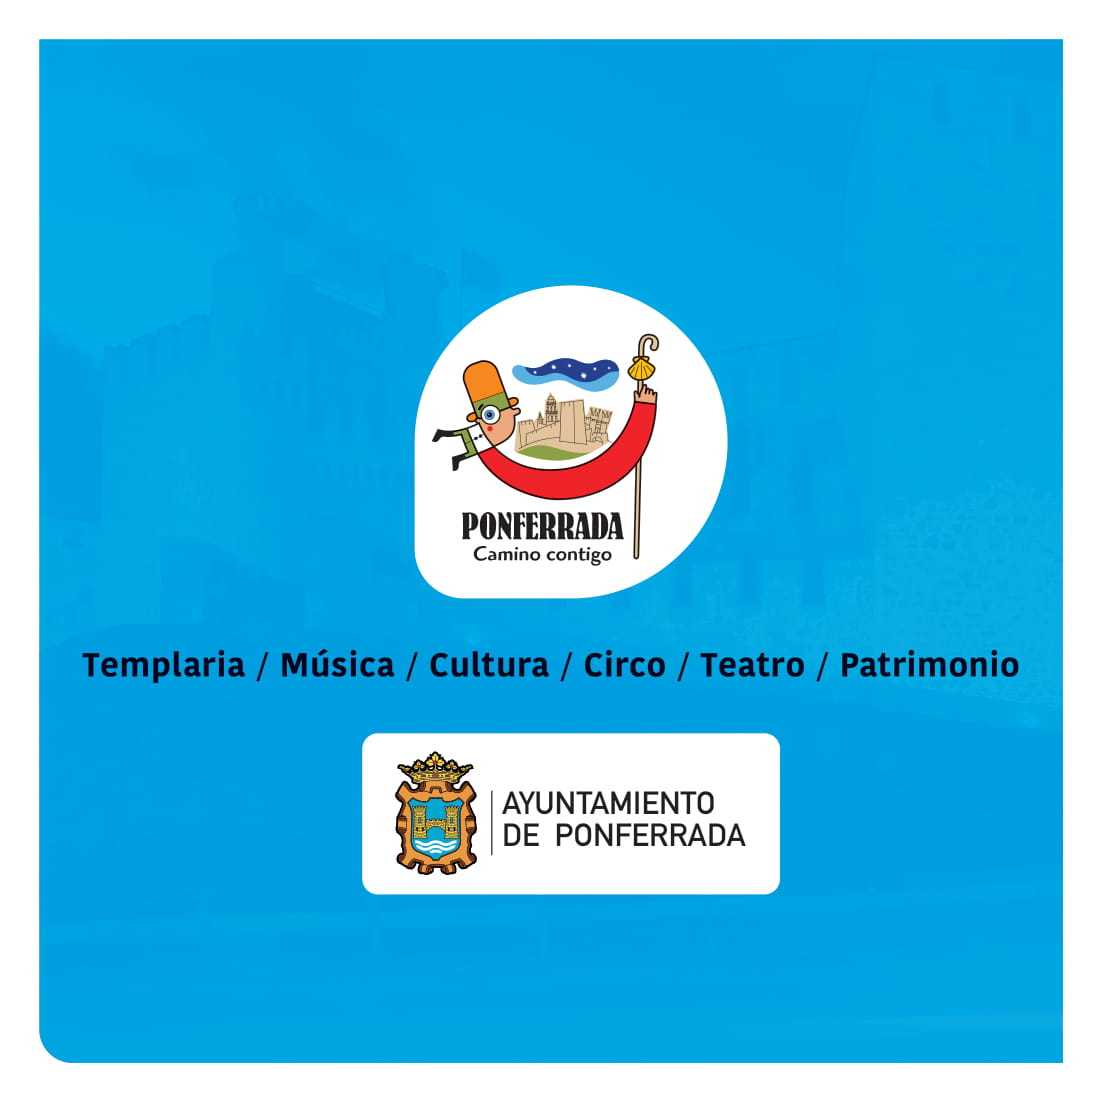 Ponferrada será... música, cultura, monumentos, turismo y más durante el verano de 2021 45